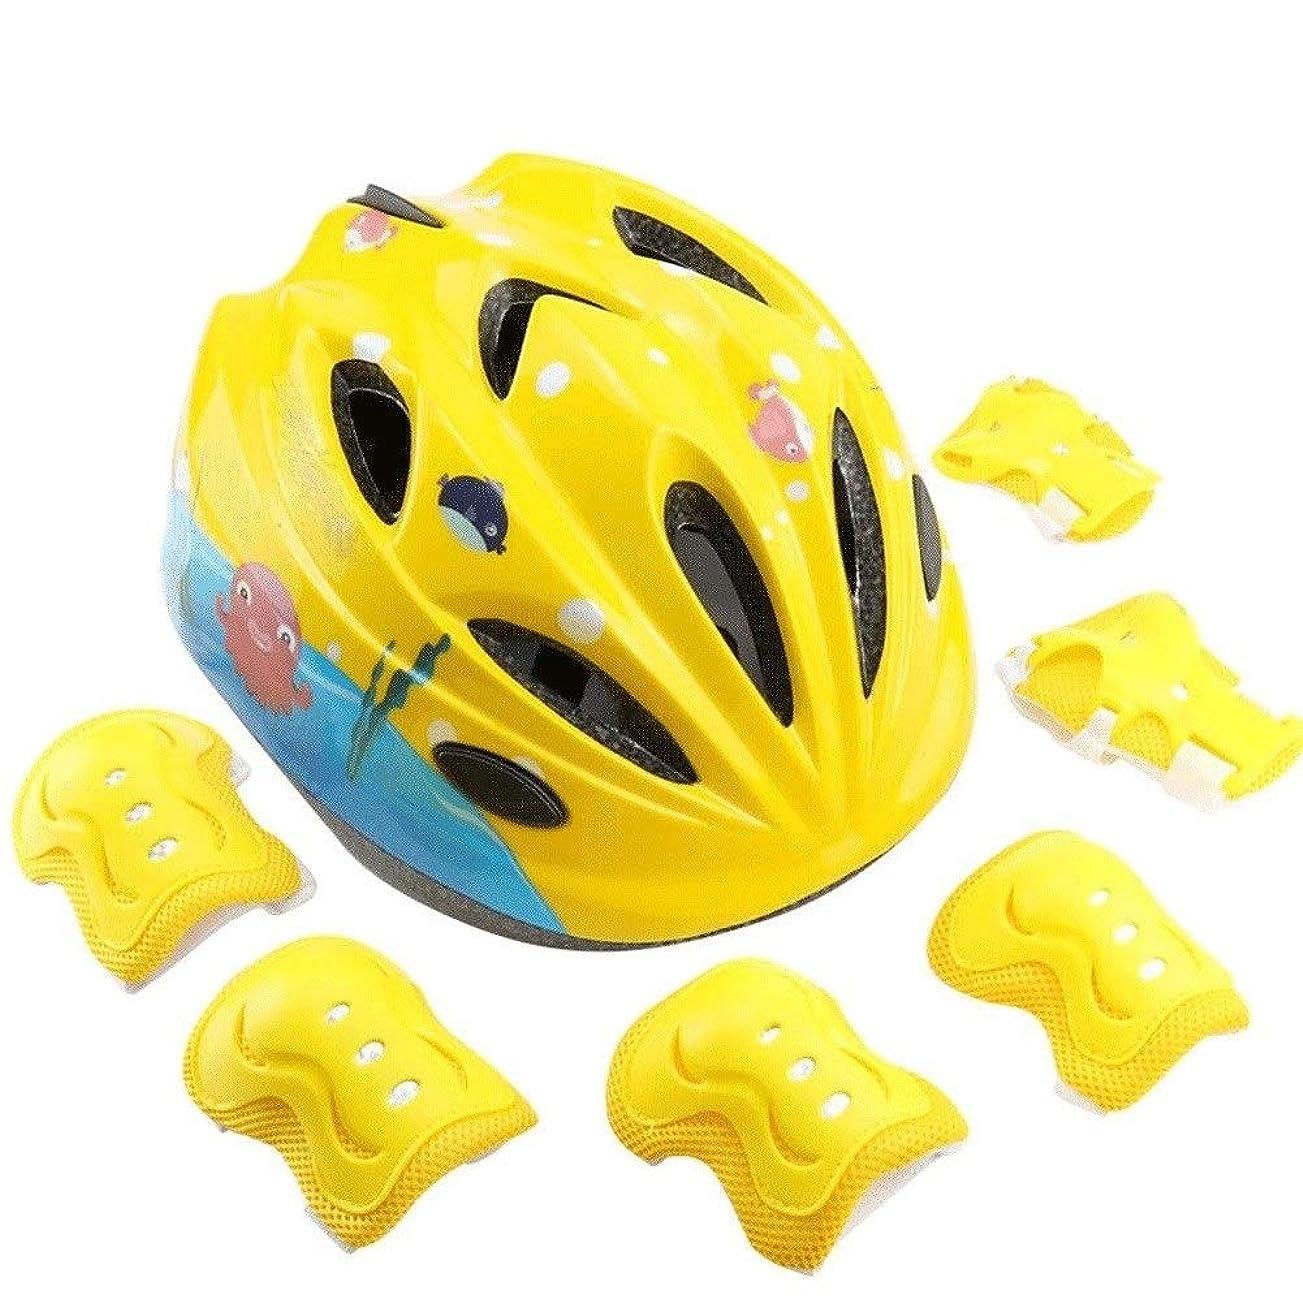 熱心なアーカイブ粘着性ヘルメット こども用 自転車 ヘルメット 1-8歳 頭囲 46~54cm 子供用 キッズ 超高耐衝撃性 耐久性 軽量 サイクリング スケートボード ローラースケート 幼児 小学生 7個の安全保護装備セット GUOTAIJUNFU (Color ...